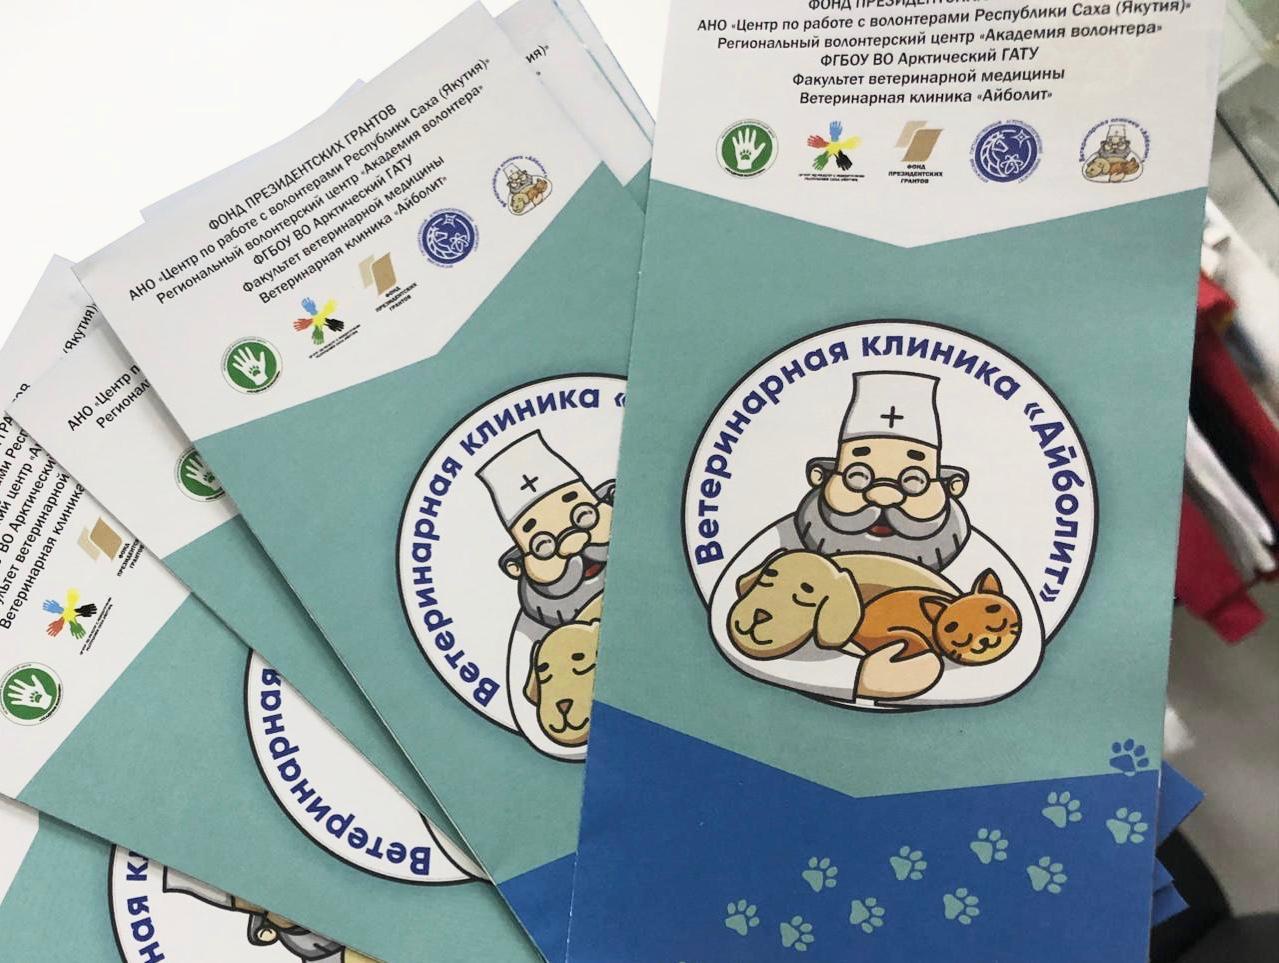 Запись на бесплатную стерилизацию и кастрацию животных продолжается в Якутске